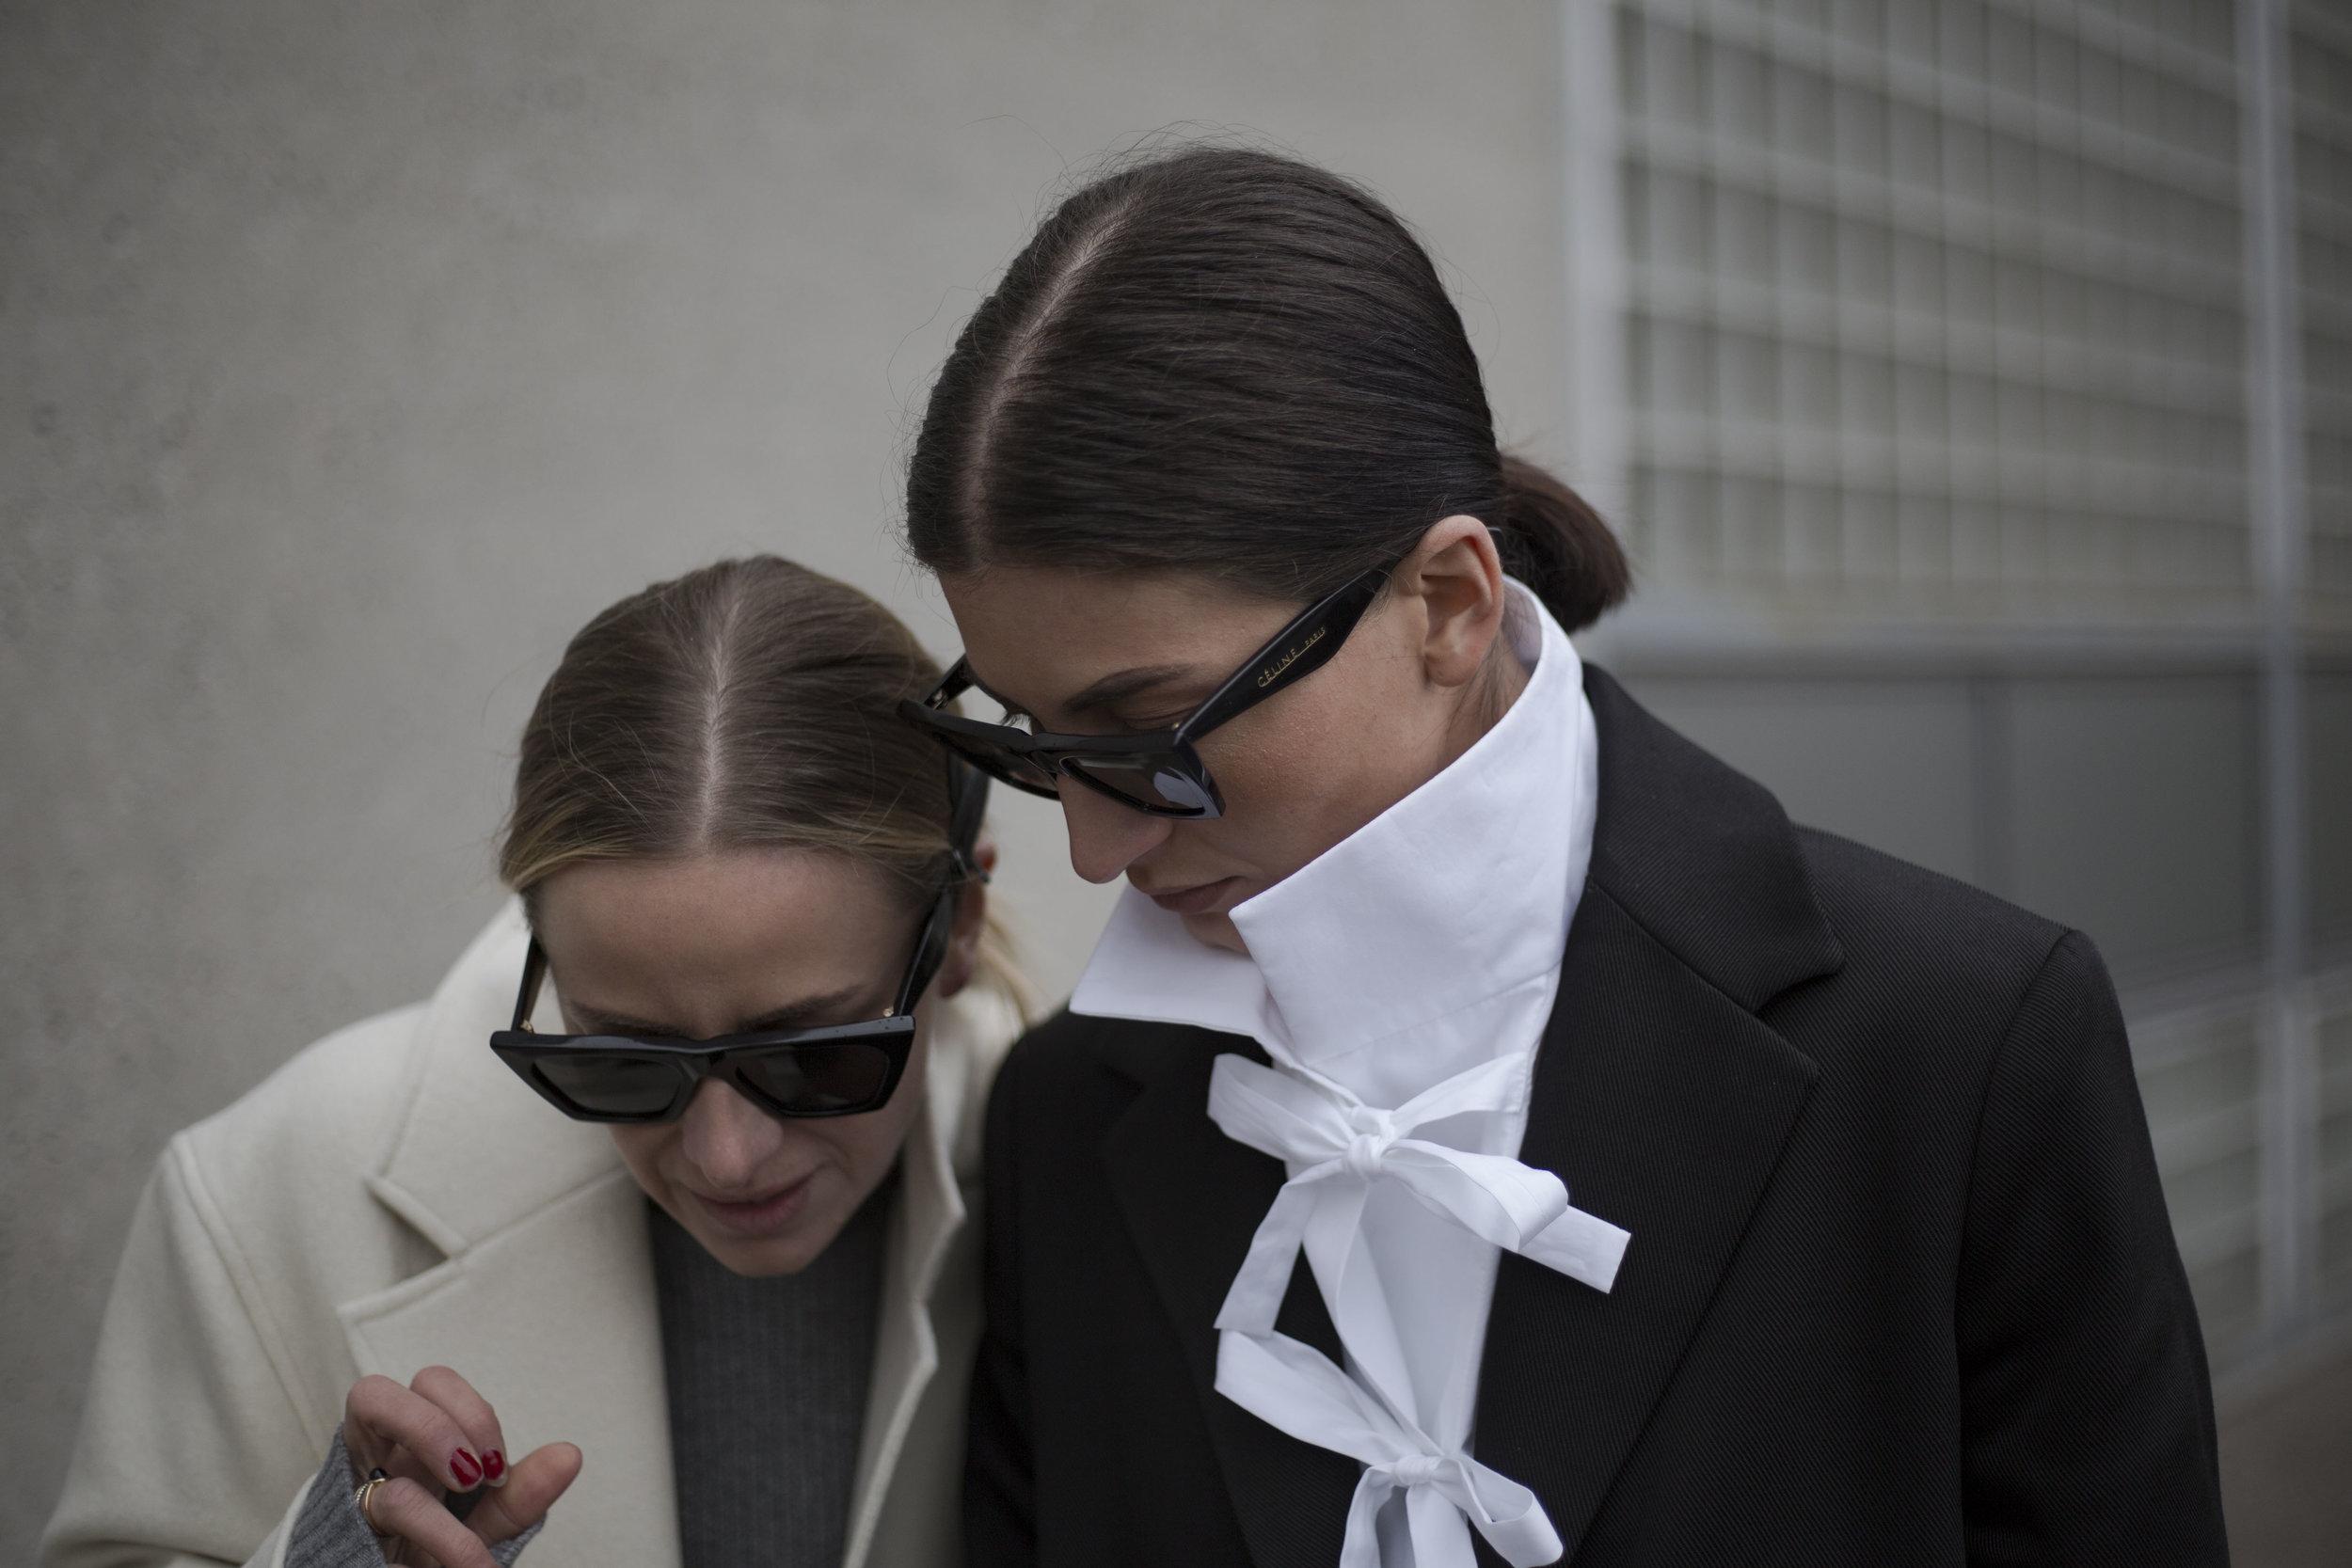 katarina-petrovic-celine-aagard-copenhagen-fashion-week-scandinavian-street-style-streetstyle-thestreetland-fashion-best-style.jpg